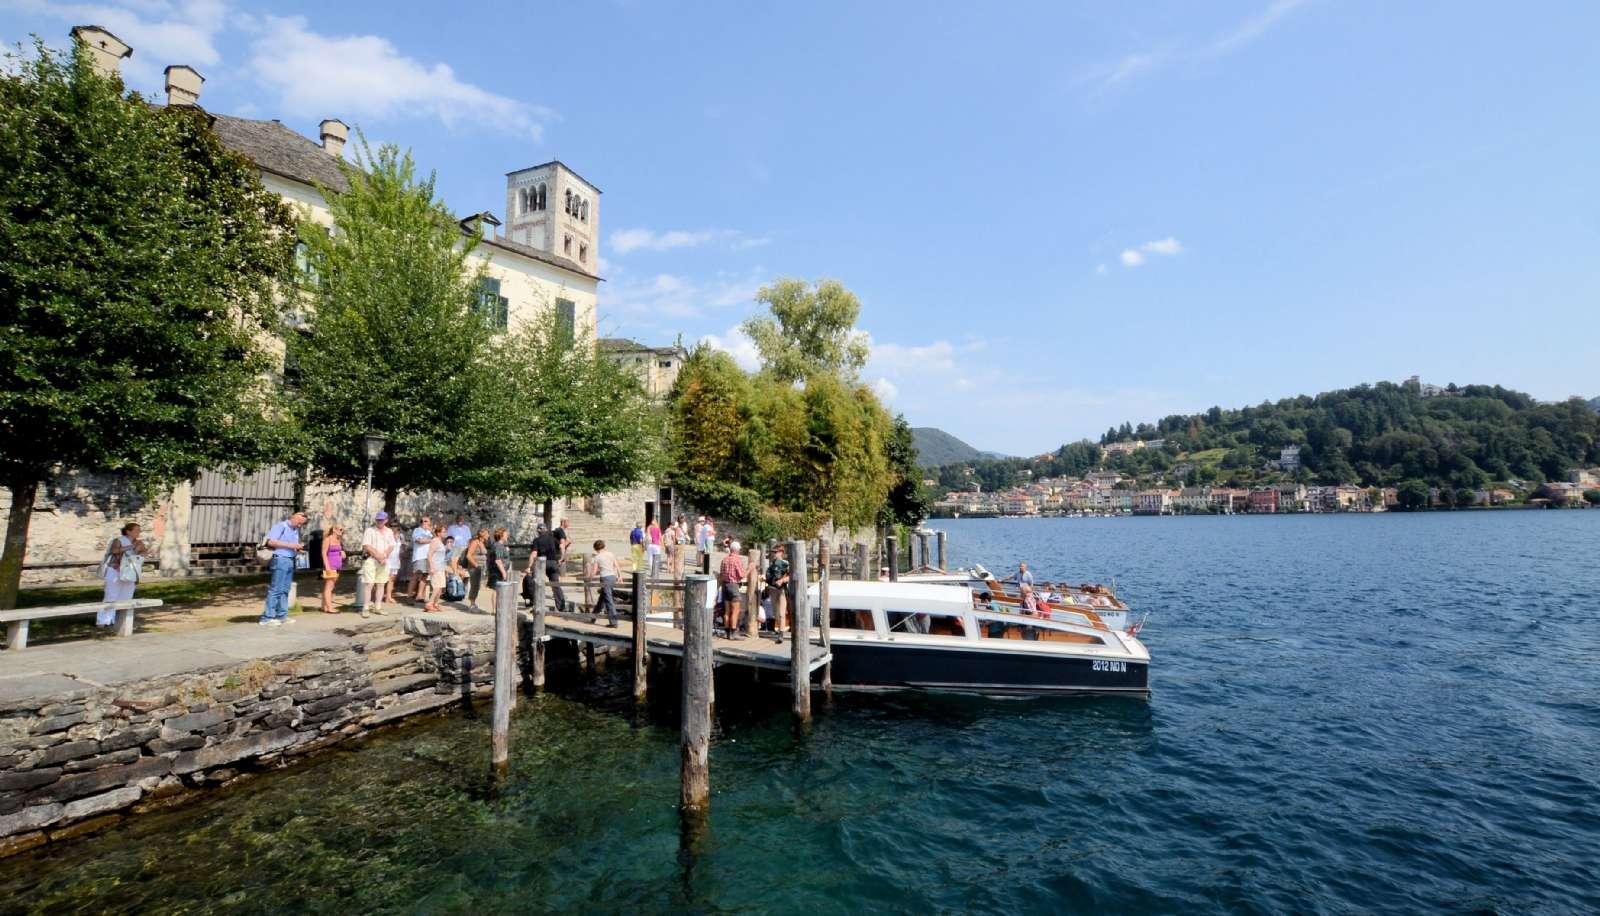 Båtfarten ger möjlighet att besöka både ön Isola San Giulio och städerna längs sjön